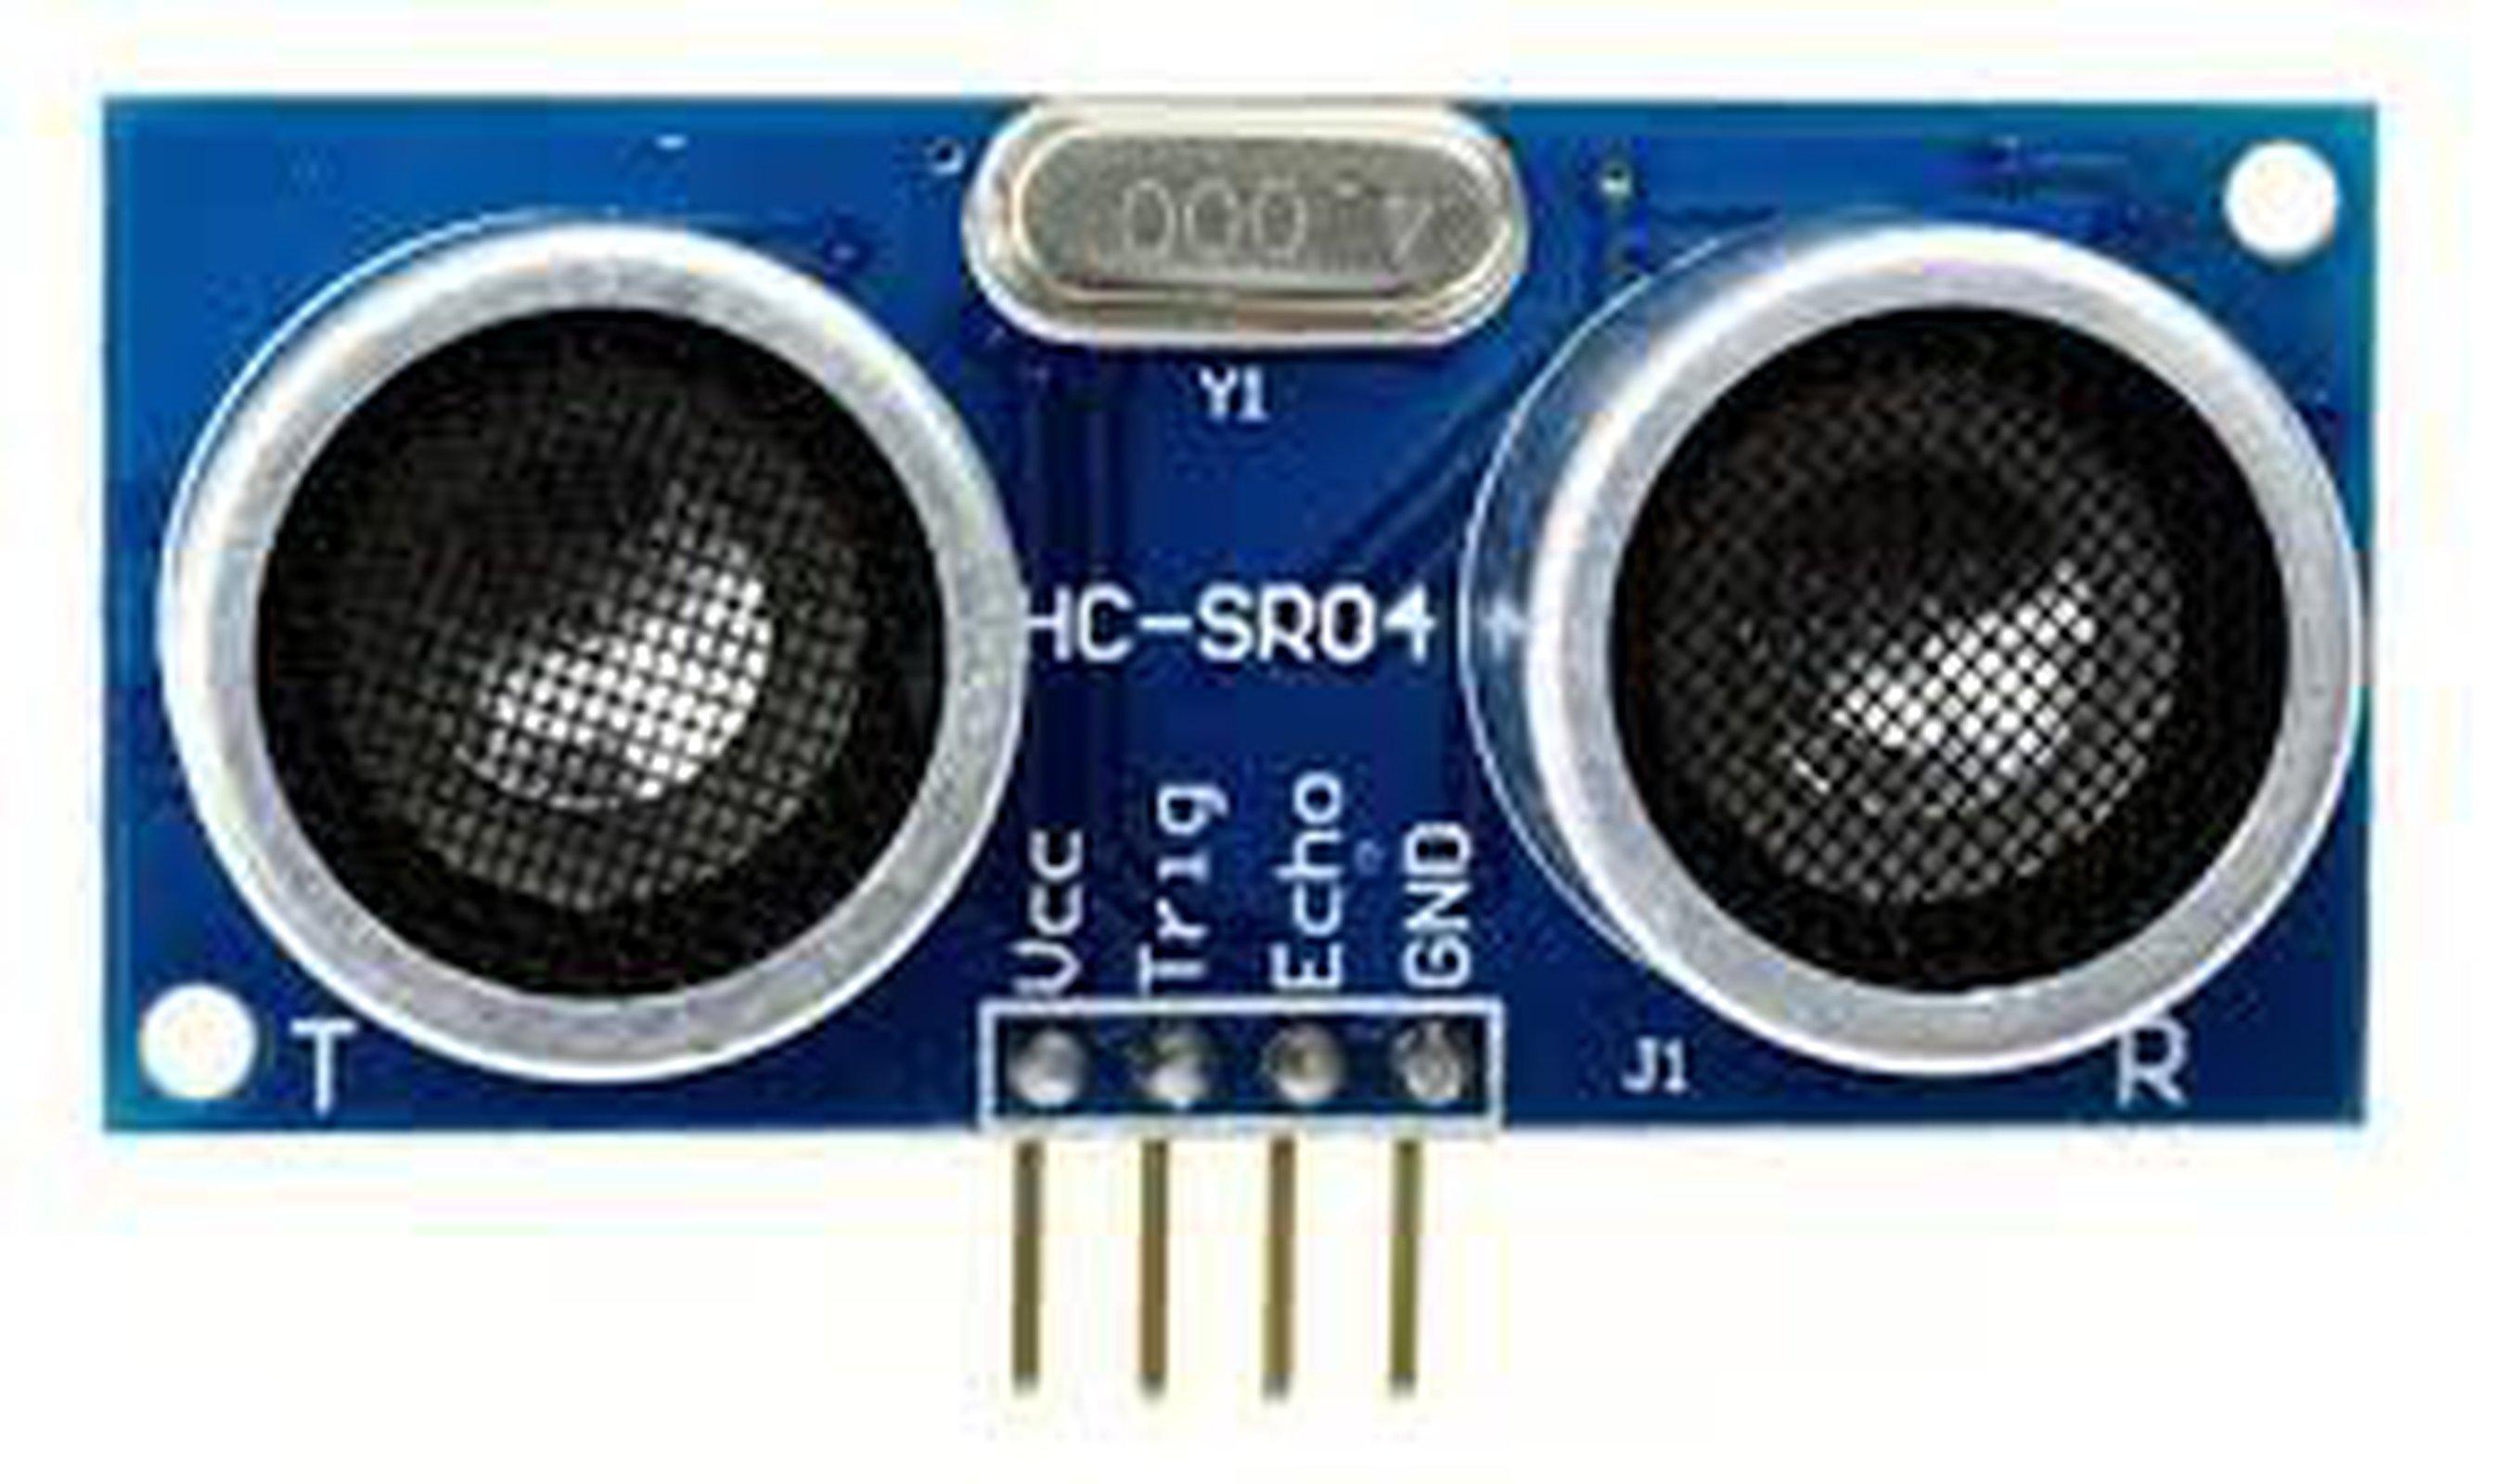 Kết quả hình ảnh cho HC-SR04